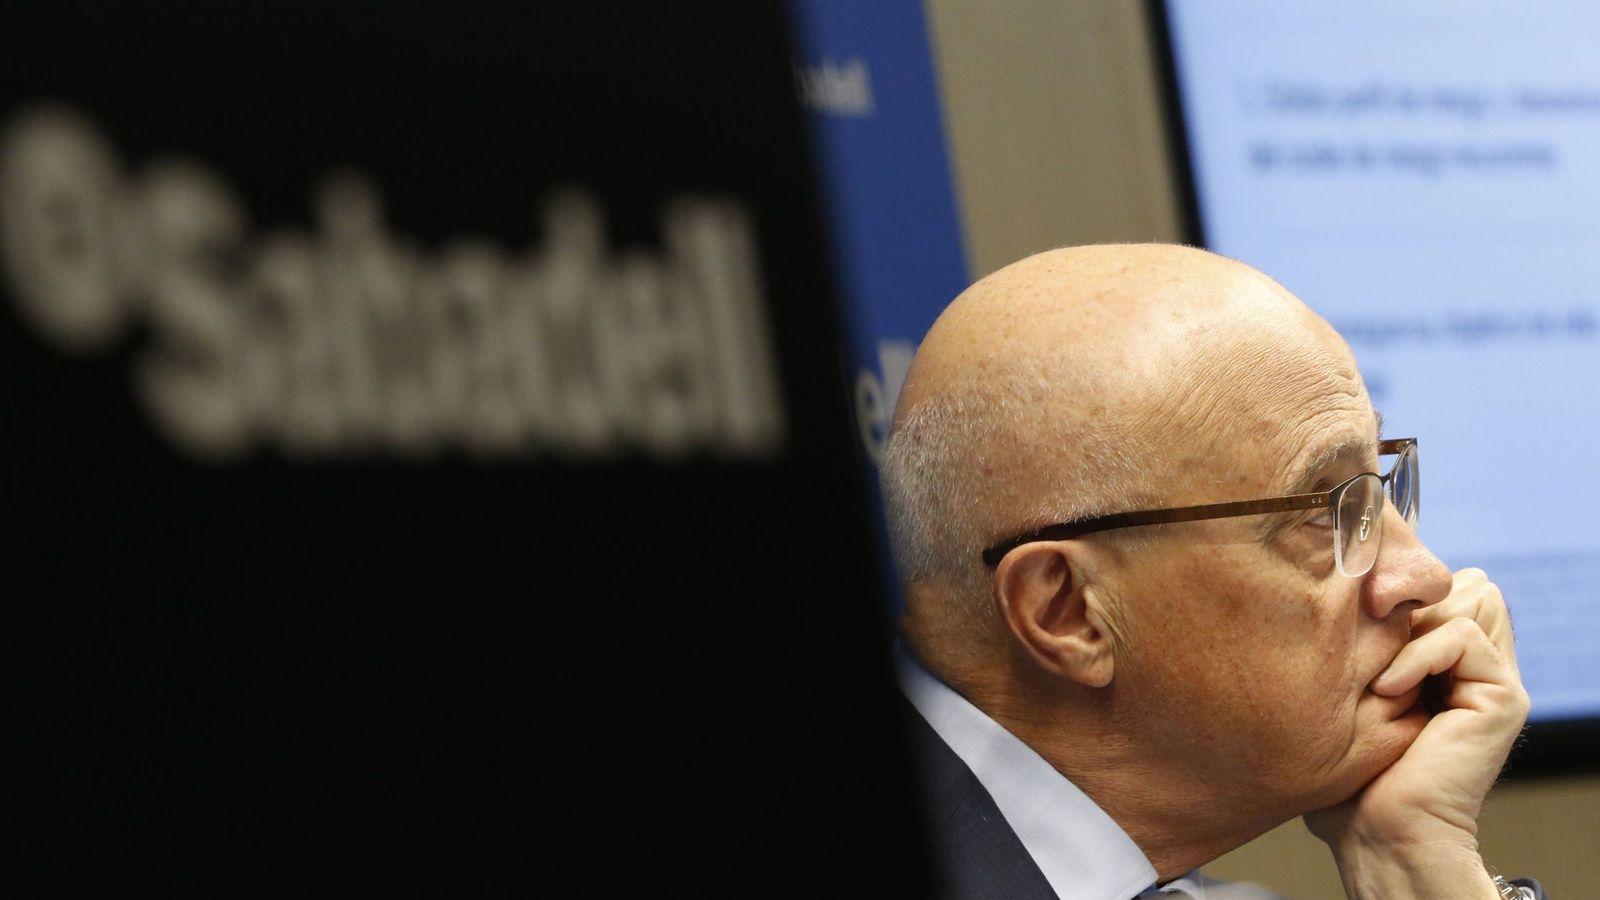 Sabadell prepara un nuevo plan estratégico para inicios de 2021 y plantea vender TSB